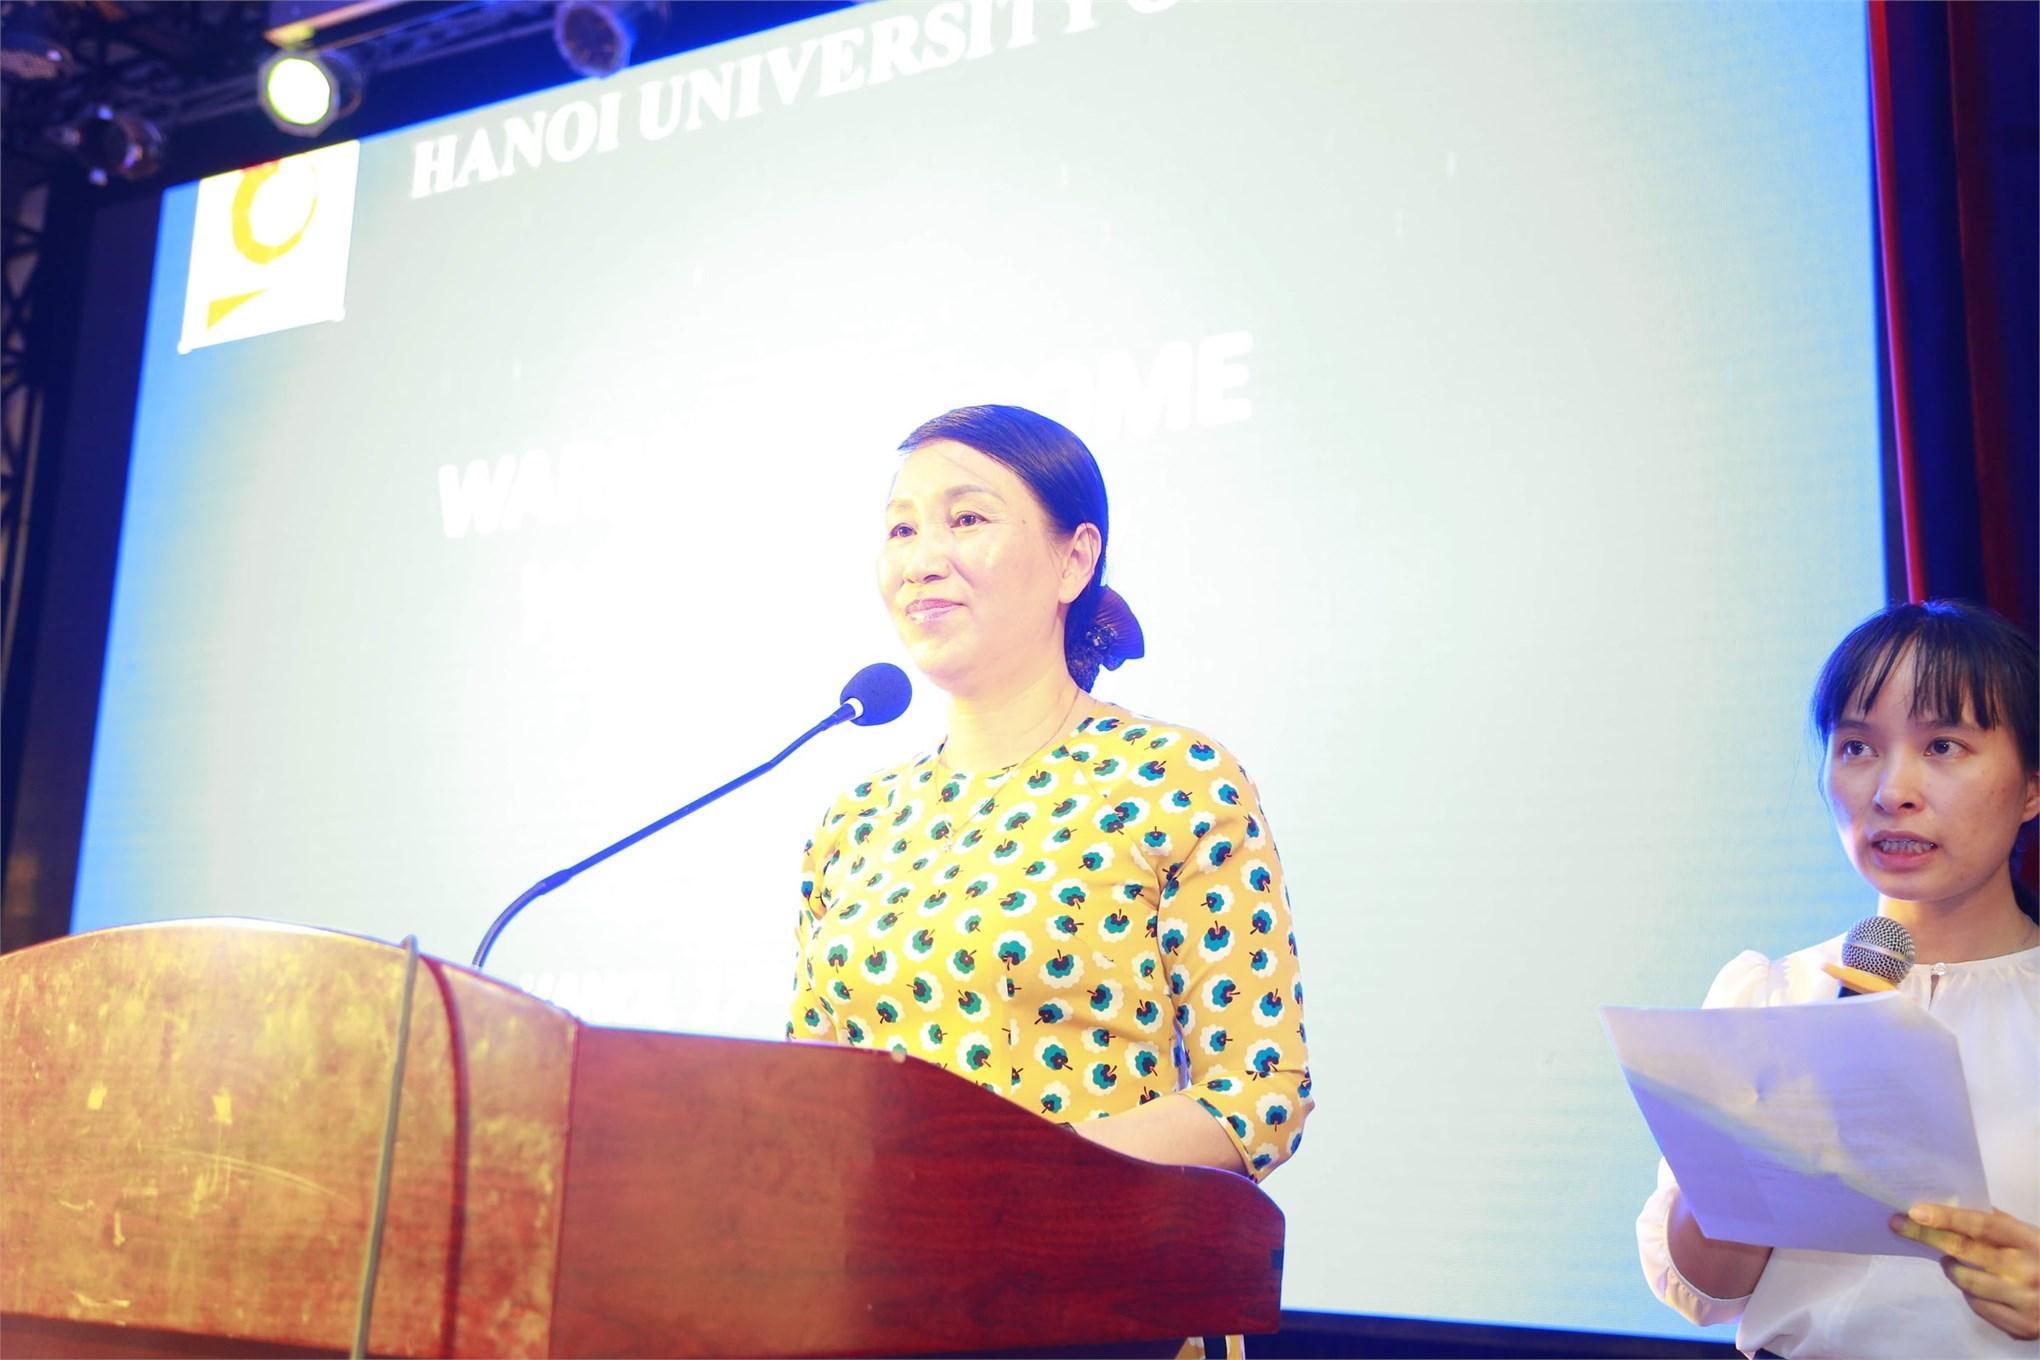 TS. Bùi Thị Ngân - Phó Hiệu trưởng Trường ĐHCNHN phát biểu chào đón